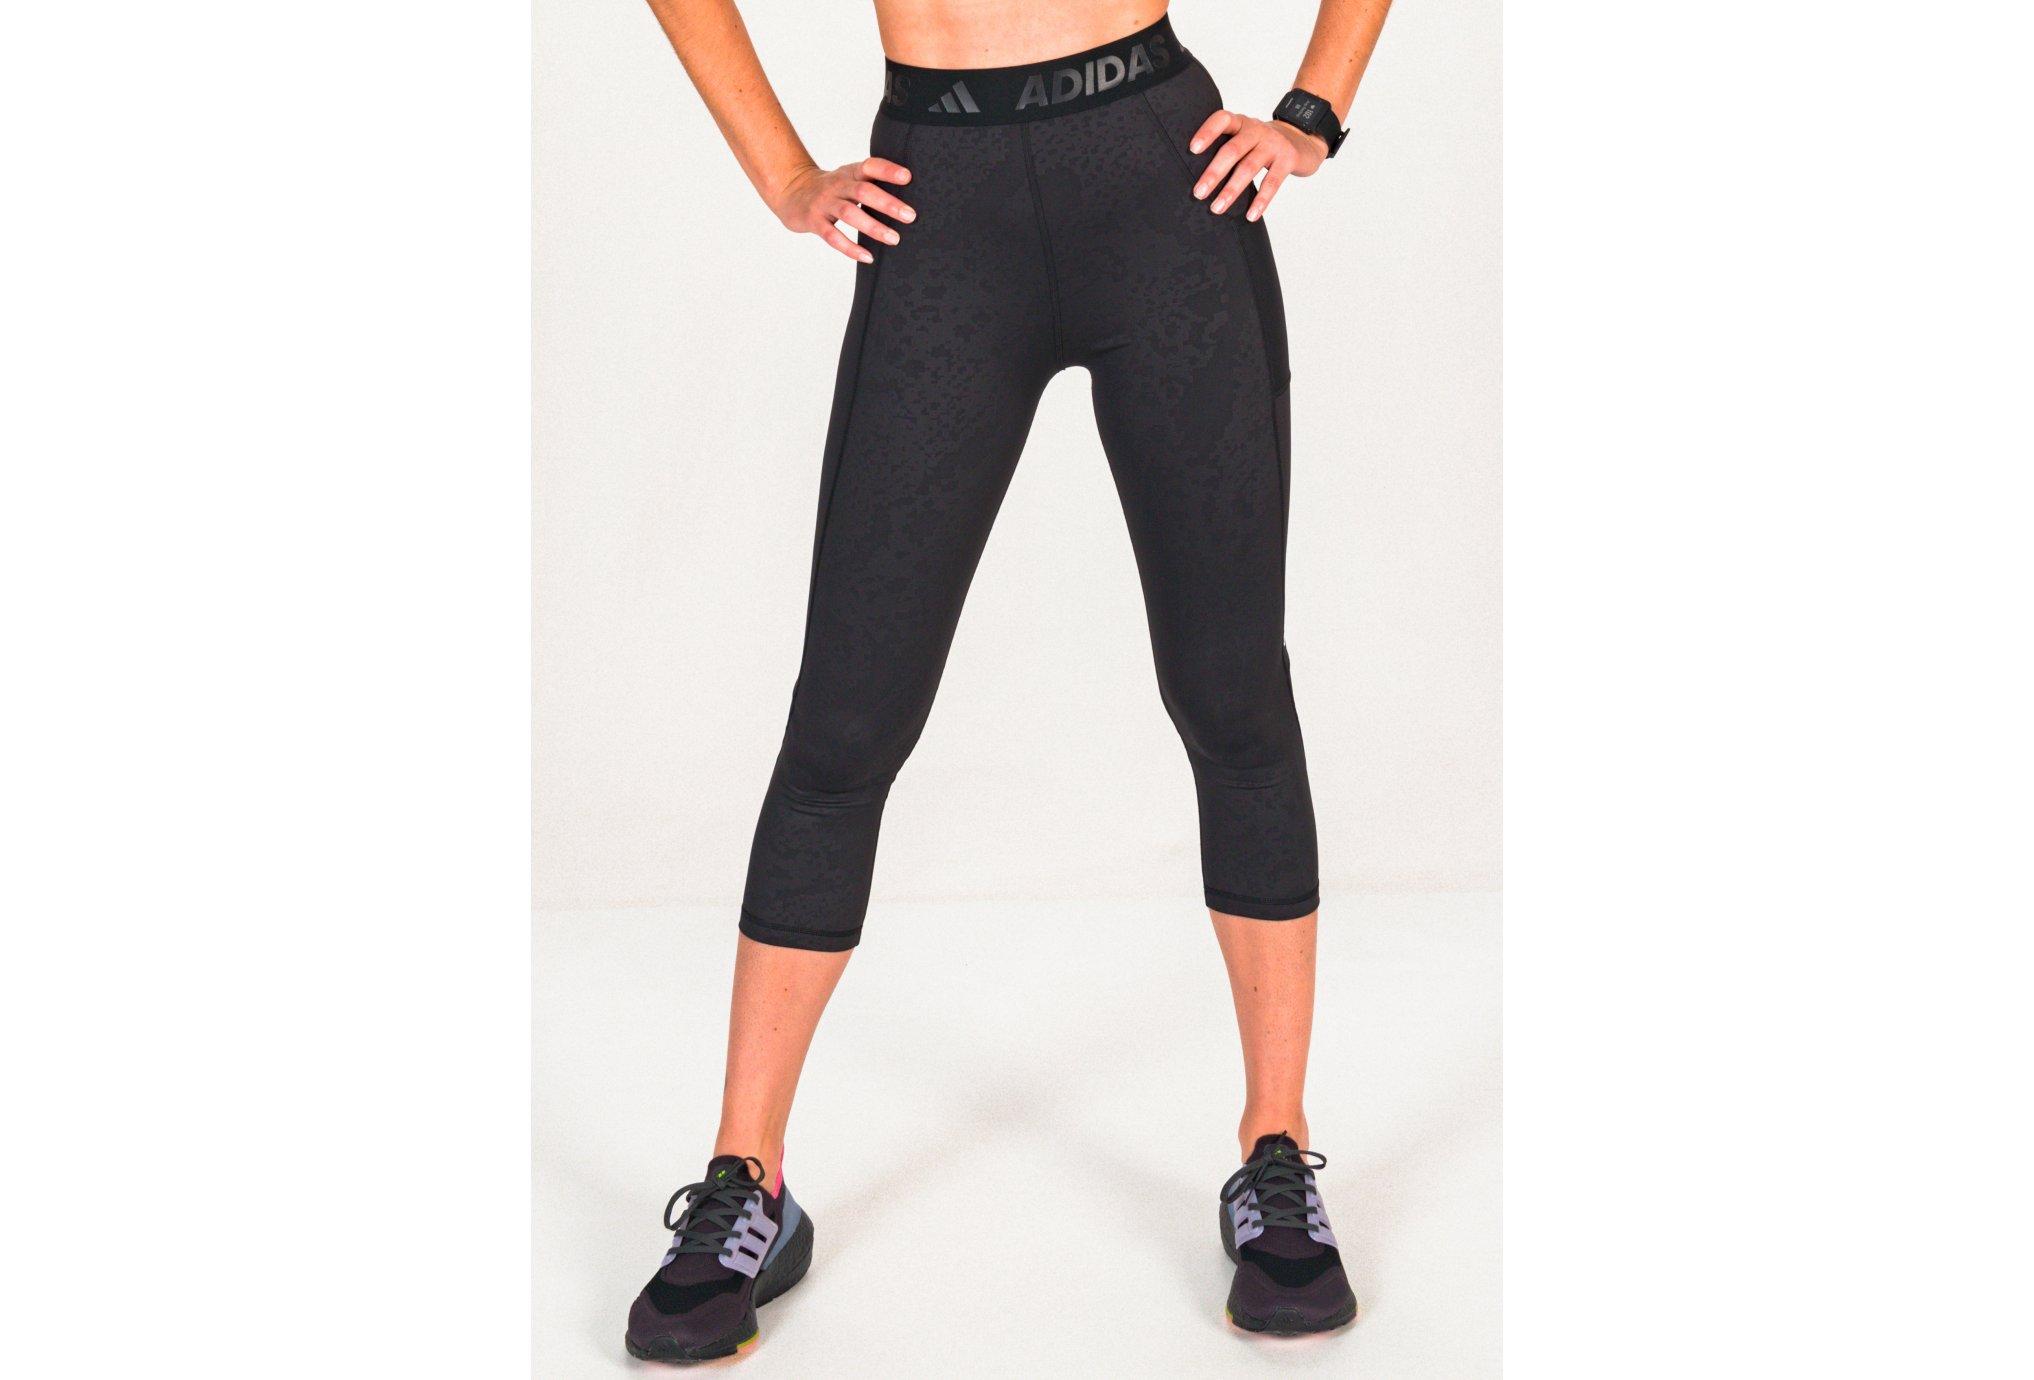 adidas Techfit Primegreen W vêtement running femme